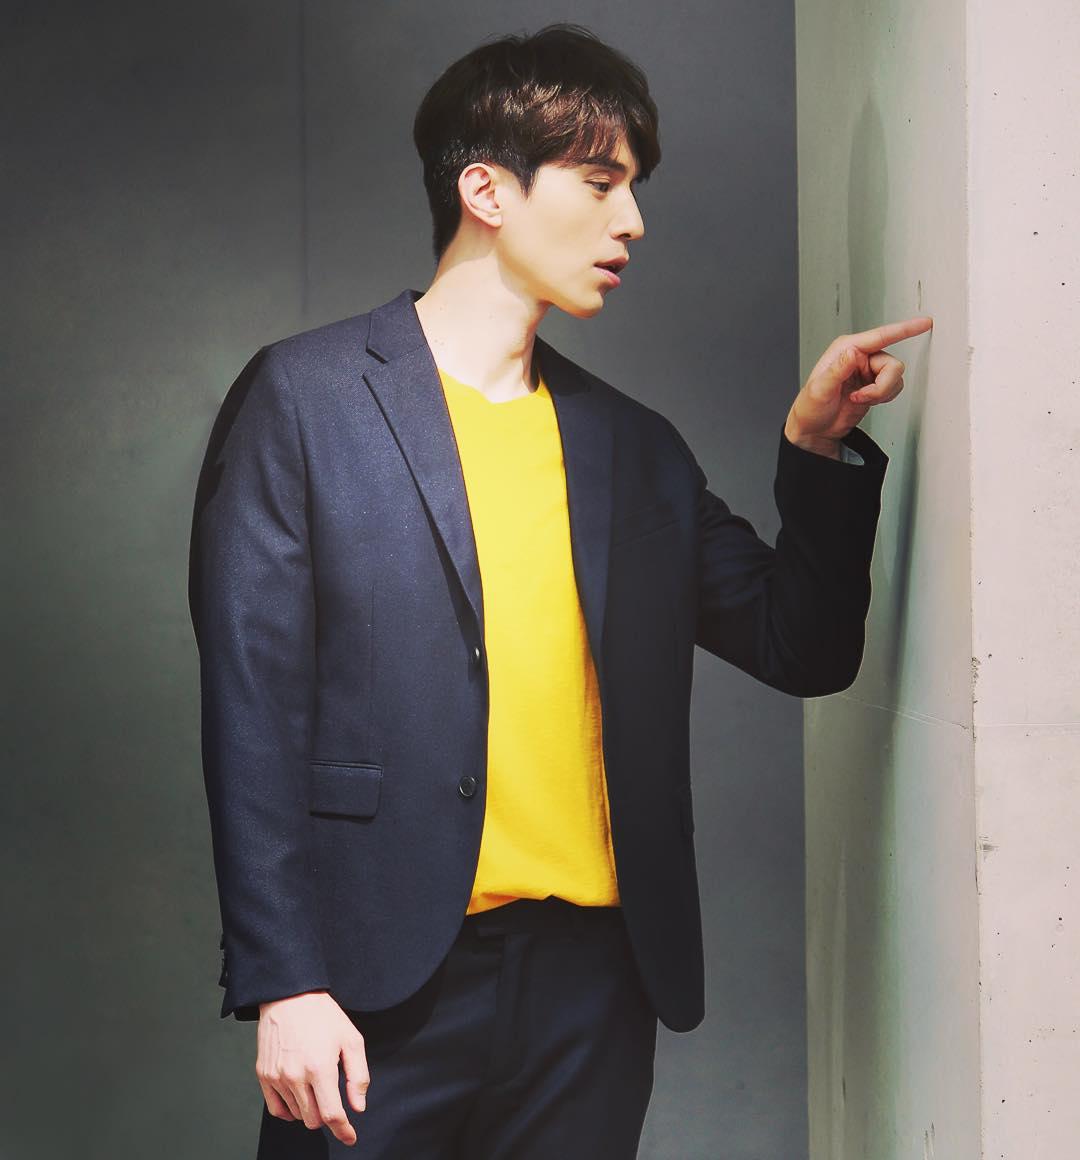 áo thun màu vàng rực rỡ phối cùng bộ suit xanh đậm